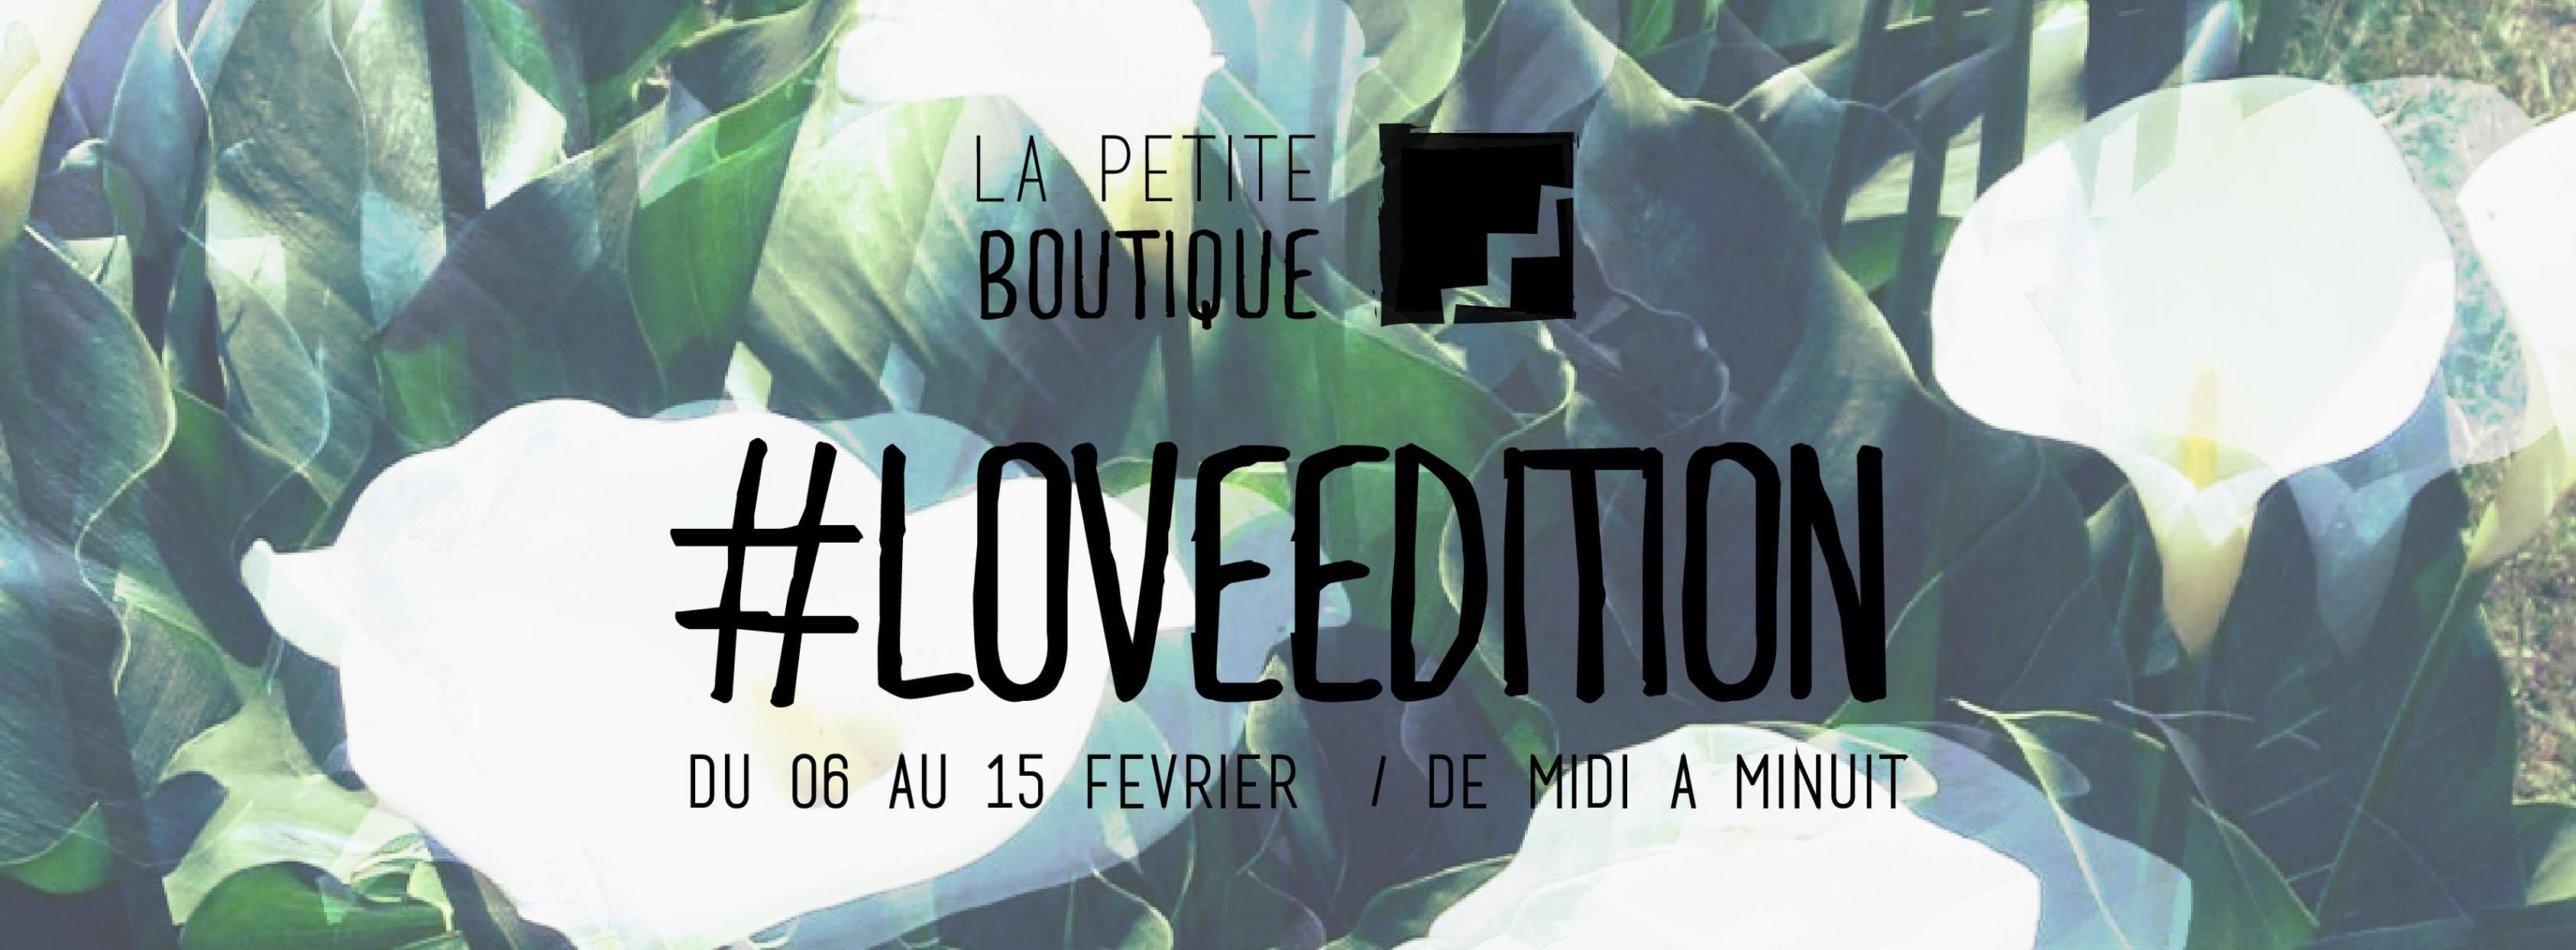 La Petite Boutique revient avec #Loveedition du 6 au 15 février 2017 à Avenue Boga Dougou